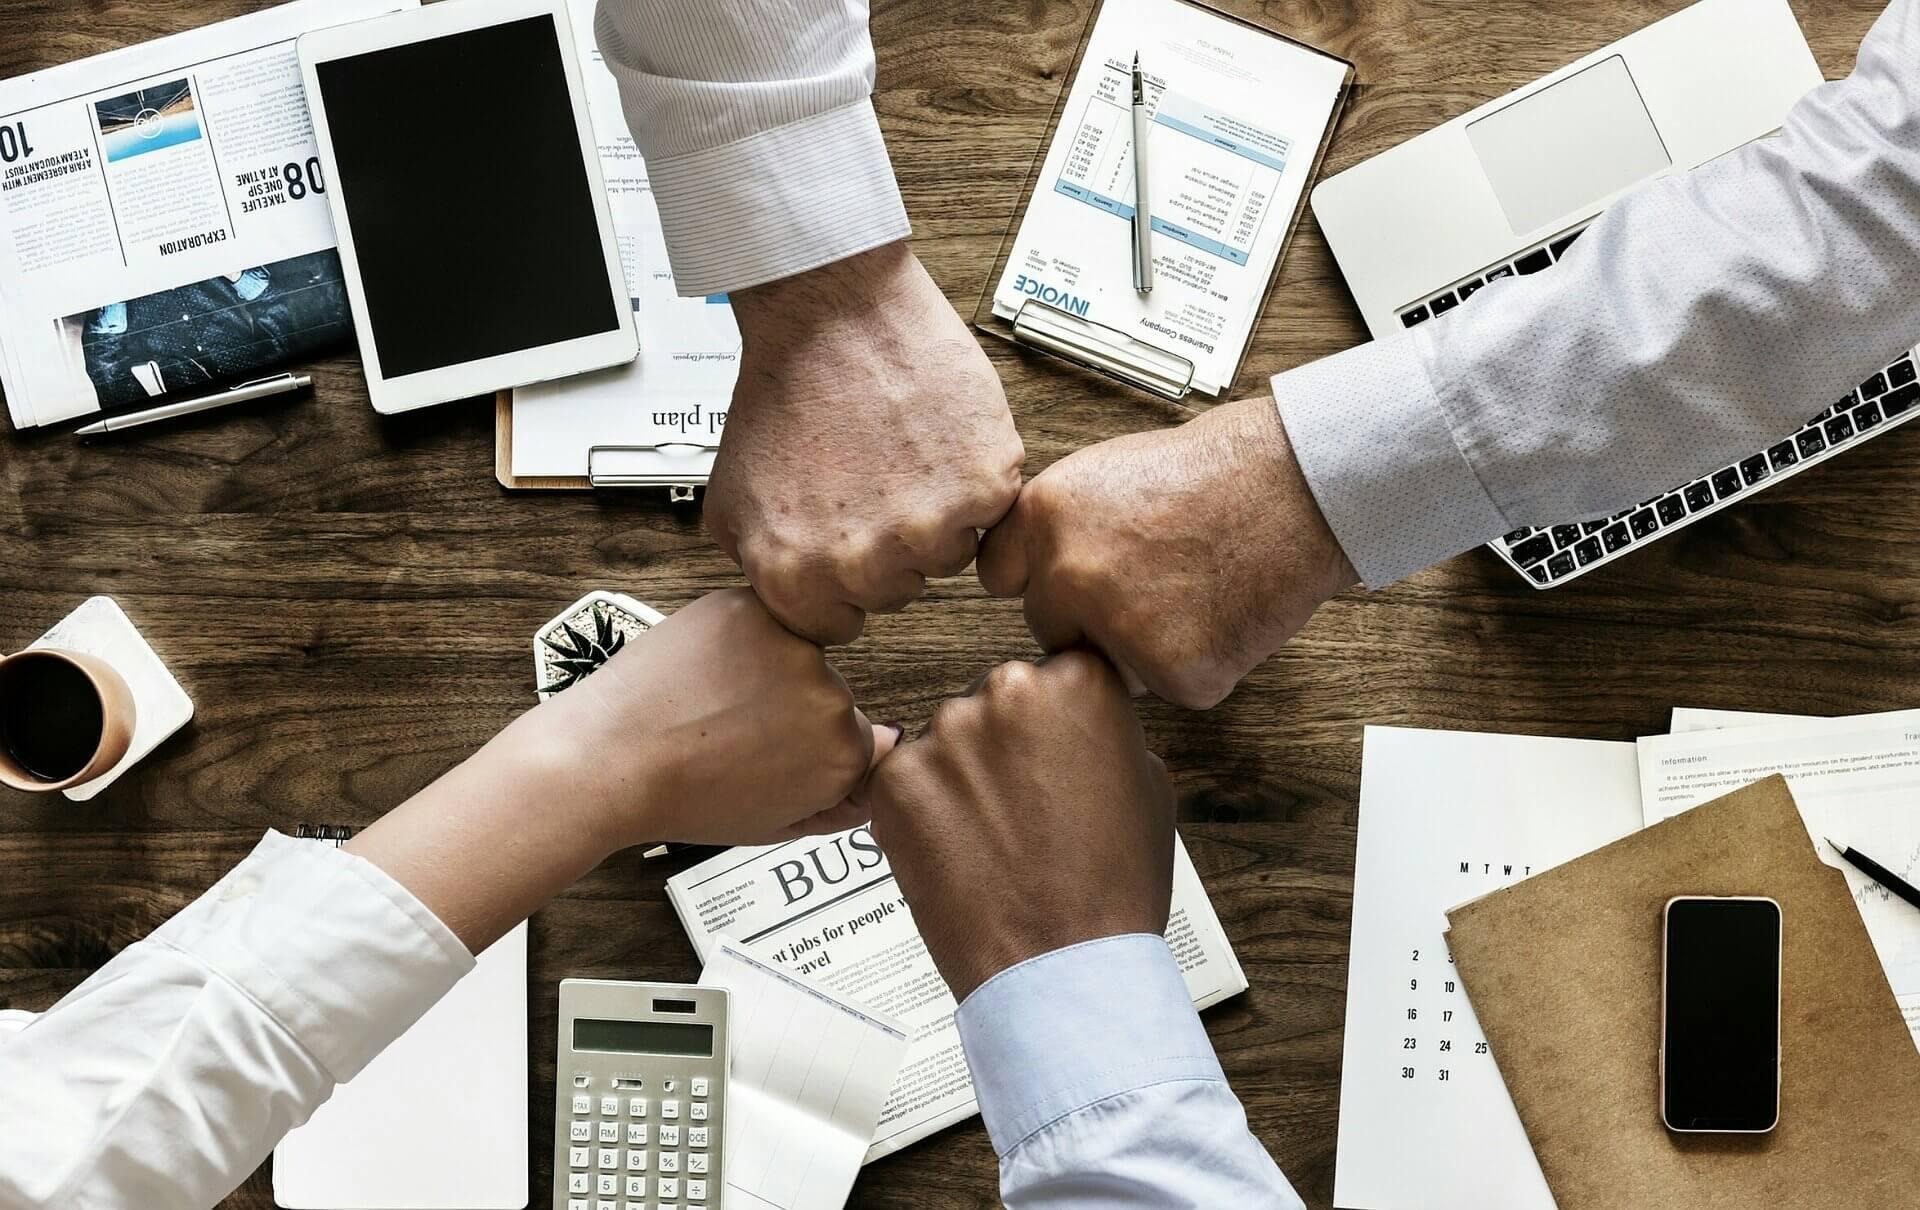 O que são ferramentas de colaboração? Saiba usá-las para organizar processos e entregar +!